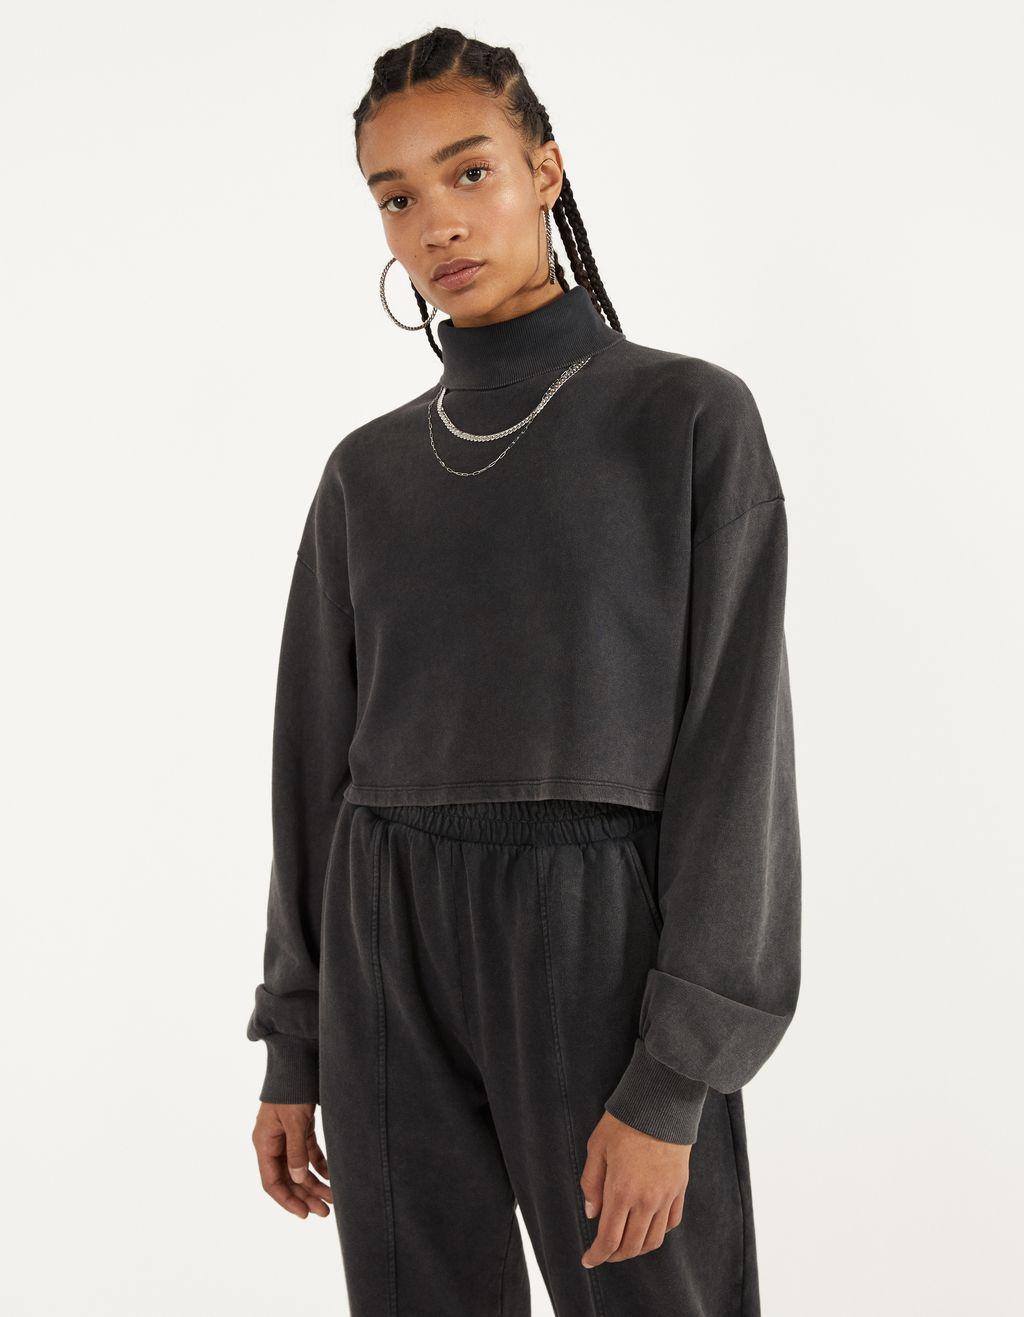 Cropped-Sweatshirt mit Rollkragen